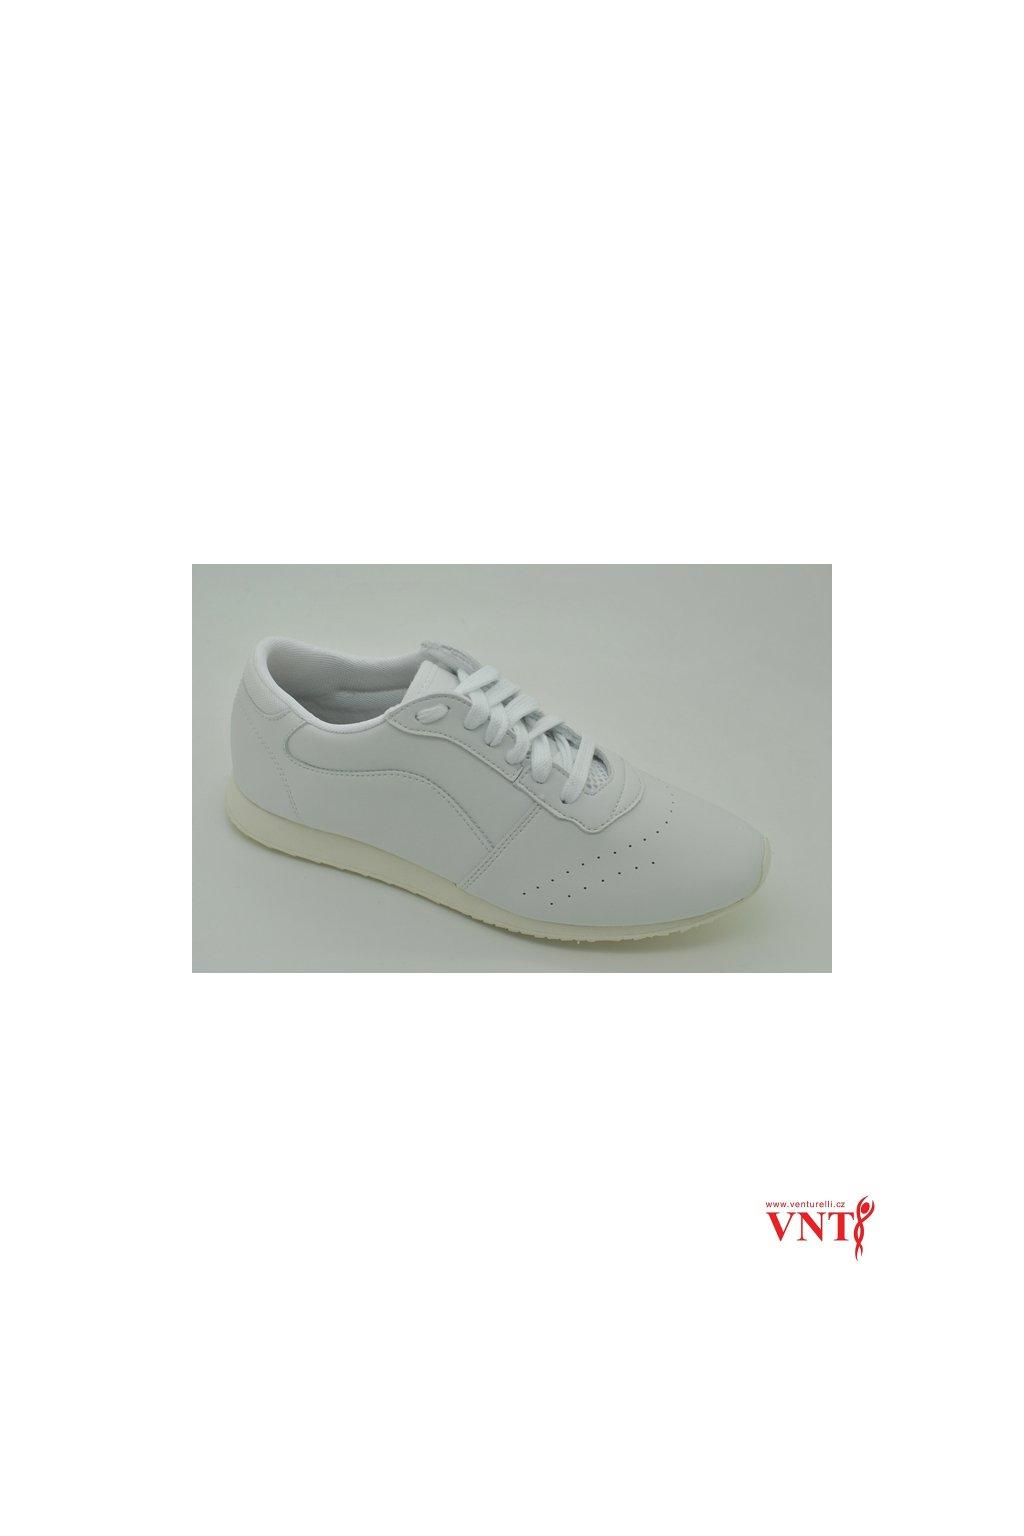 Závodní boty Venturelli AER-8 FIT